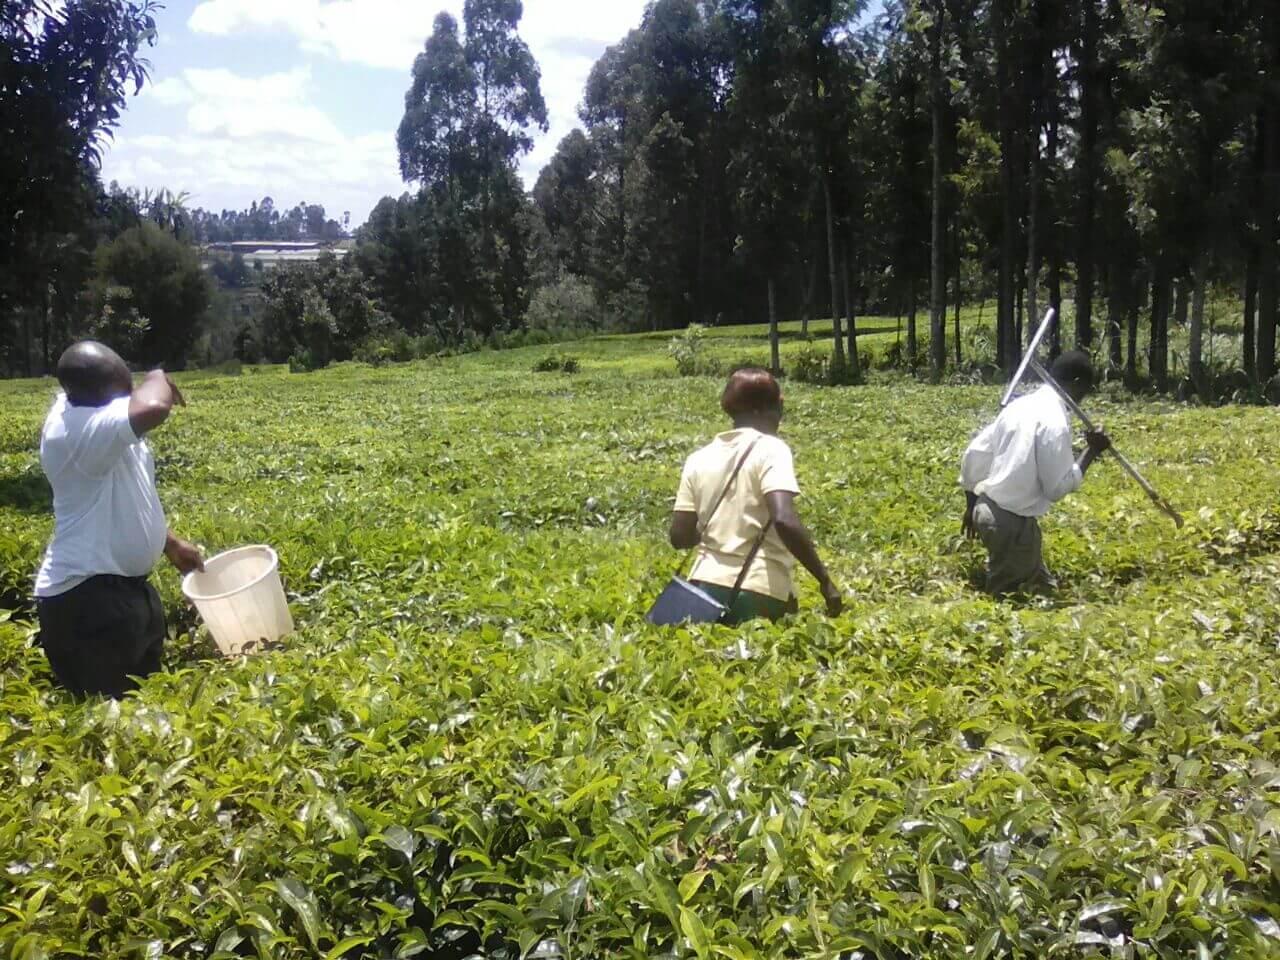 Kenya Türkiye'nin Çay İthalatındaki Yüksek Tarifeleri İndirmesini İstiyor